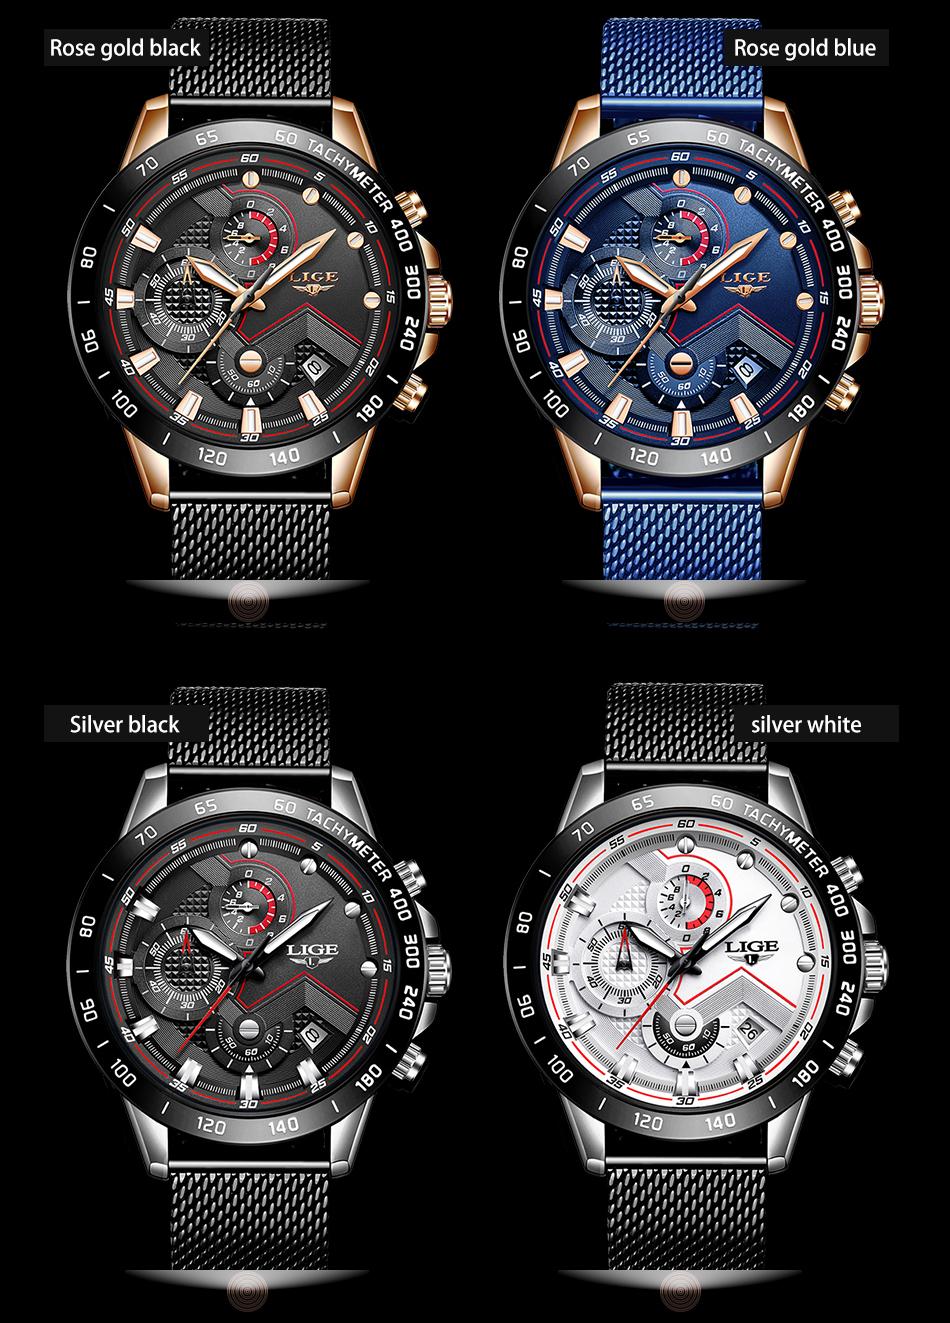 LIGE azul Casual malla Correa moda cuarzo oro reloj para hombre relojes marca superior reloj impermeable de lujo 10